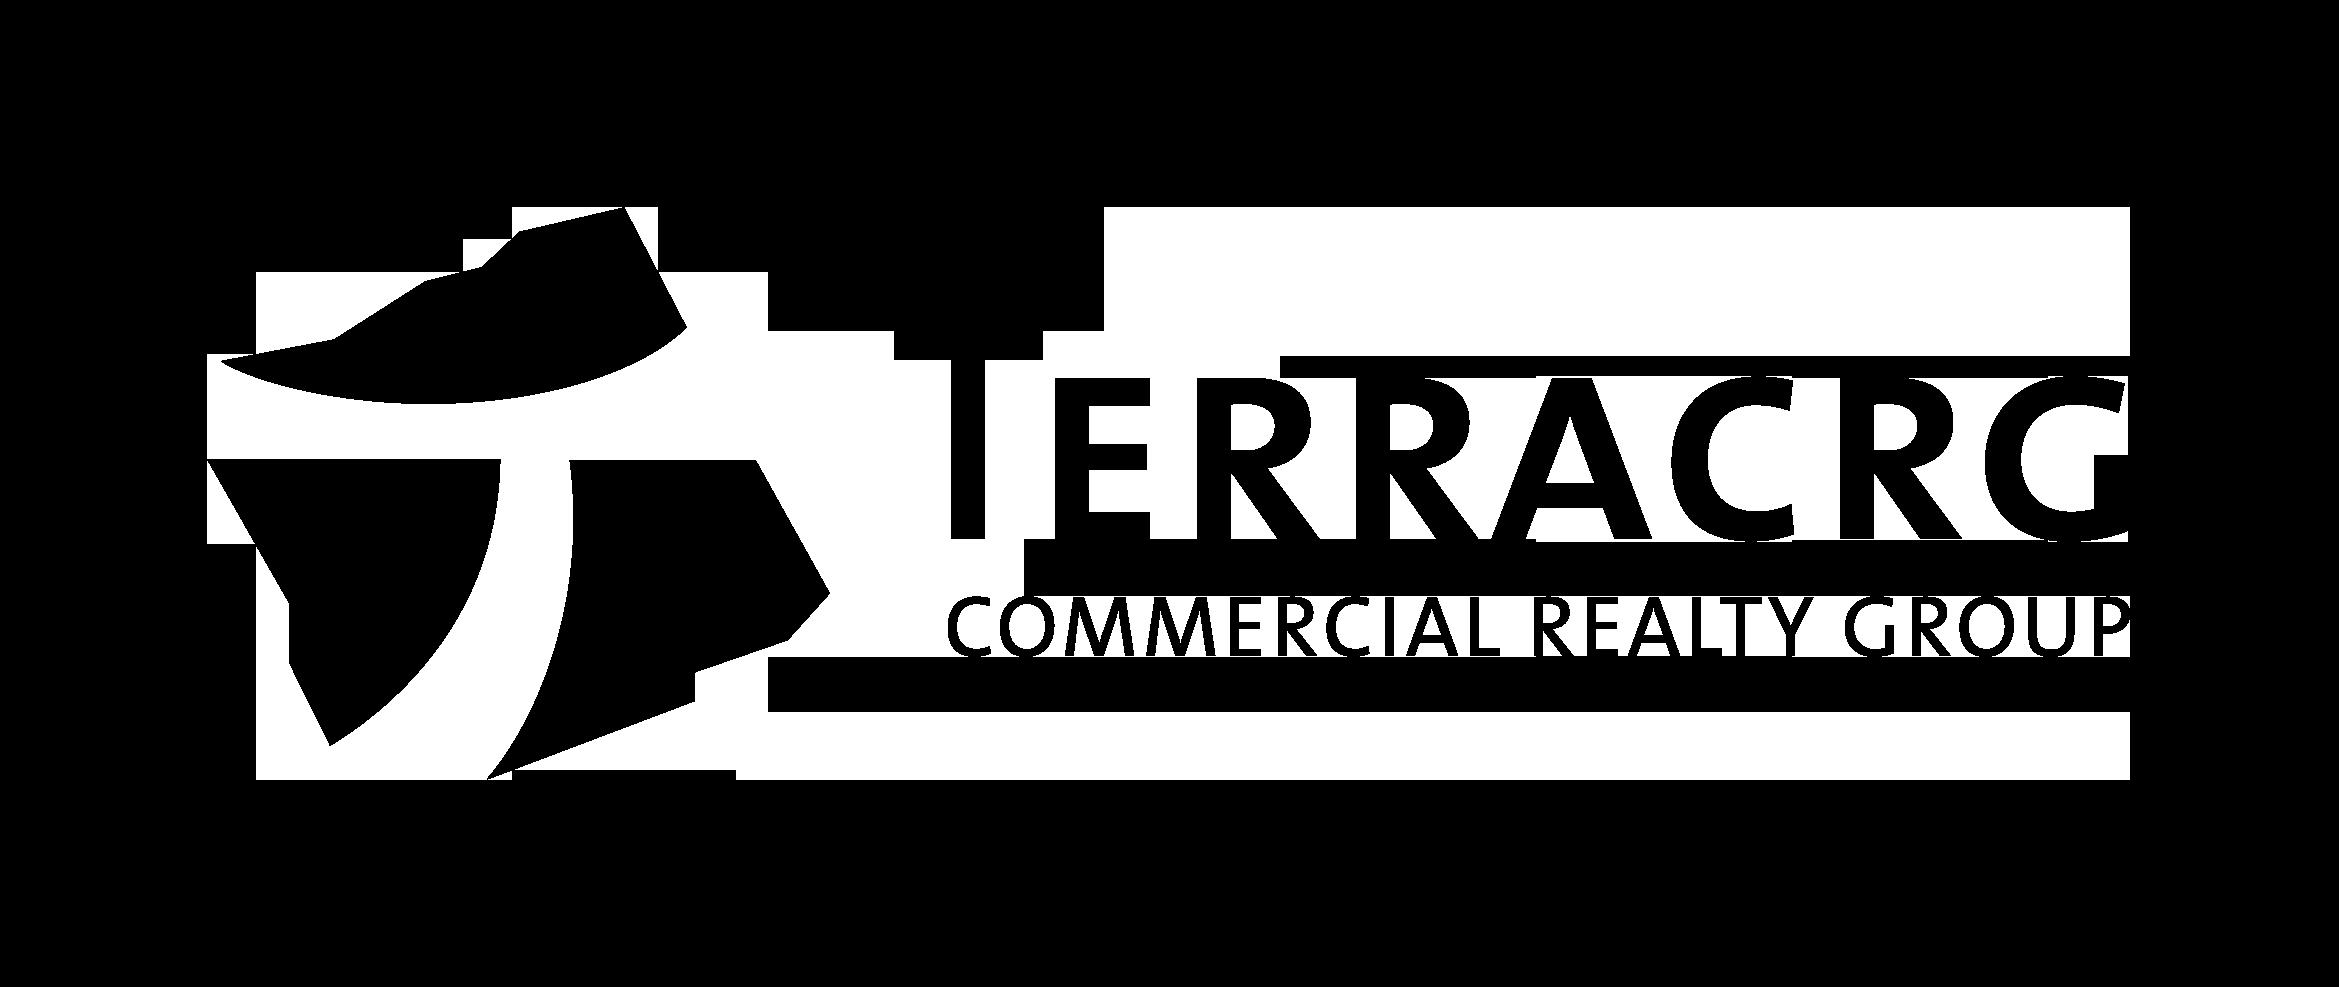 terra crg.png